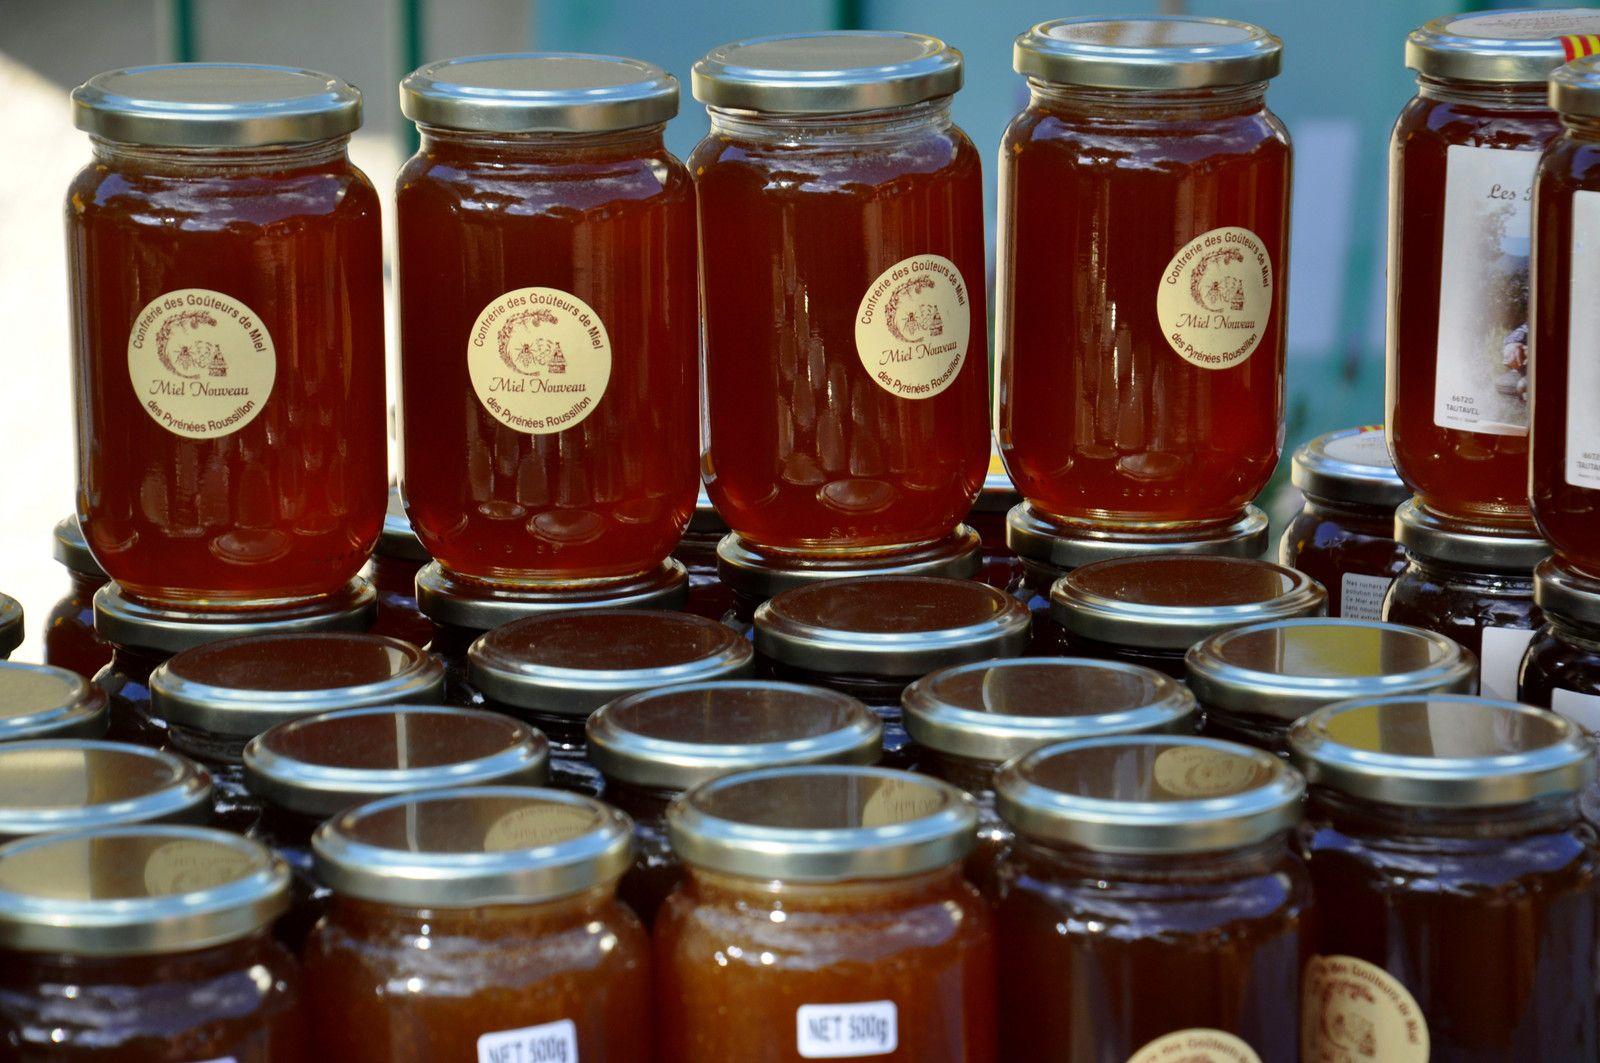 Le miel nouveau en pots